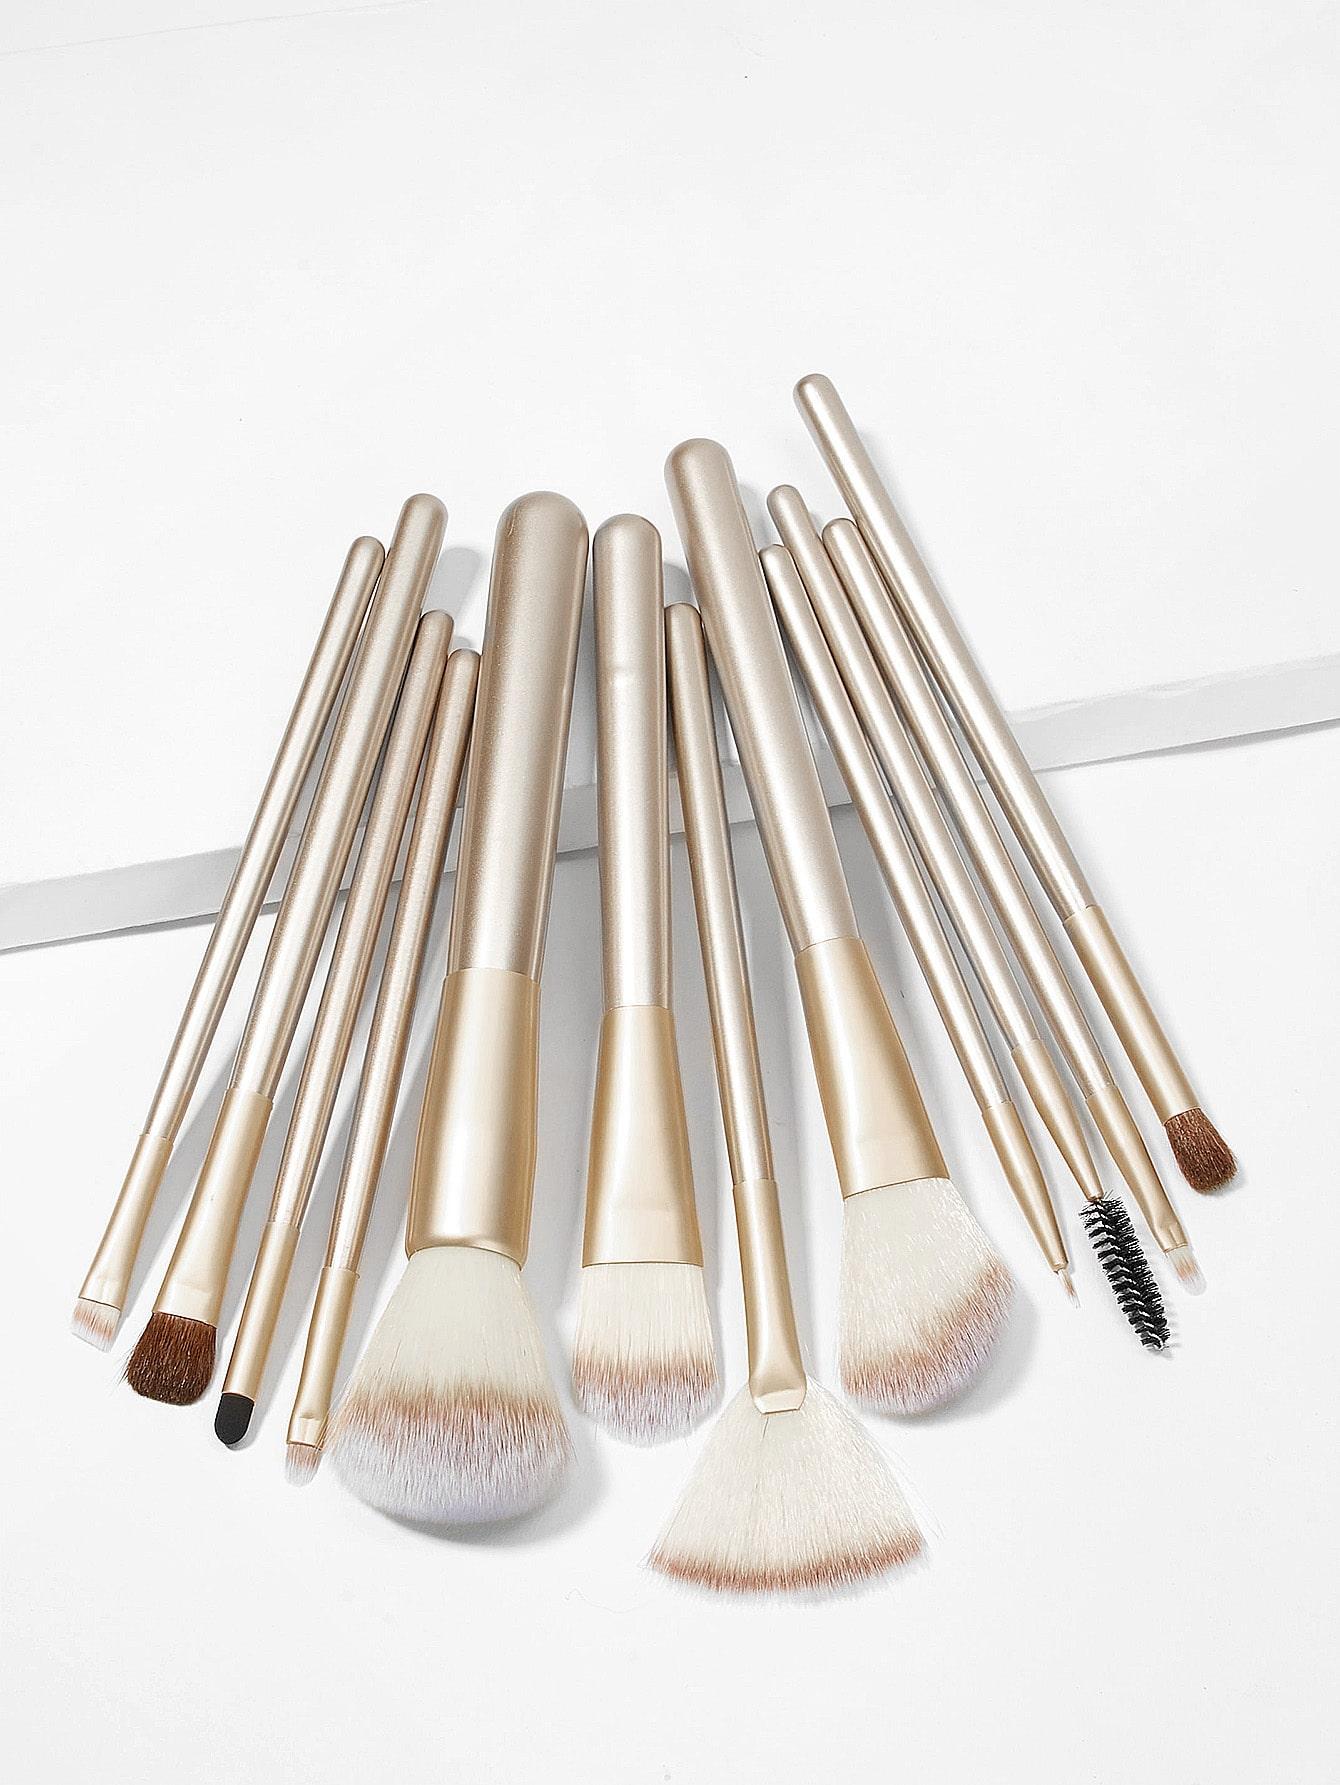 Купить Набор кистей для макияжа 12шт., null, SheIn